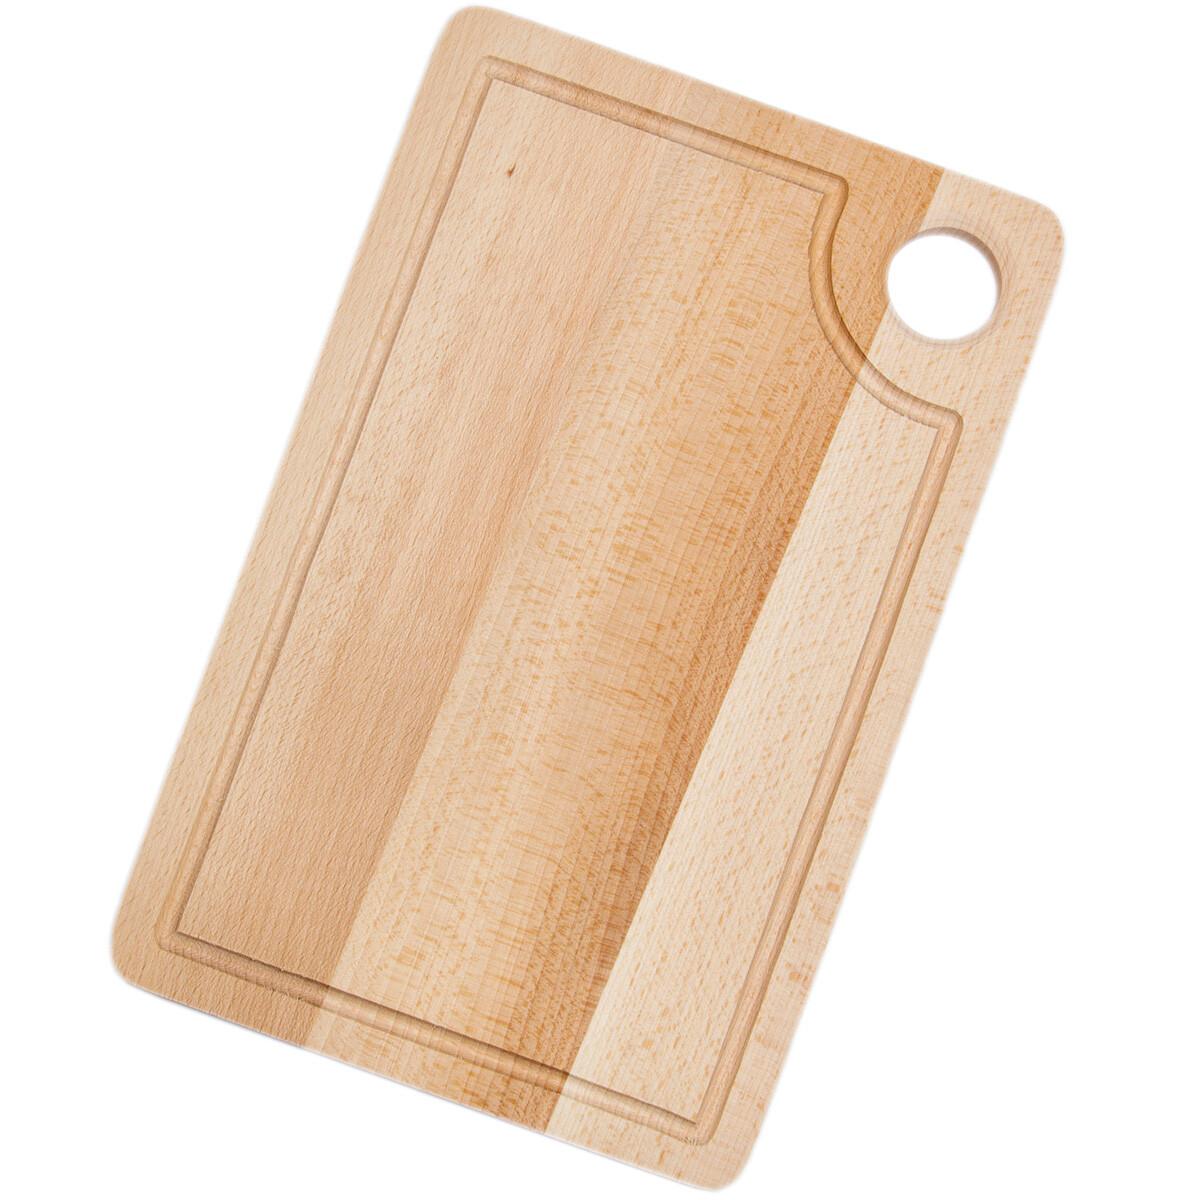 Planche de cuisine planche en bois planche d couper r for Planche en bois cuisine